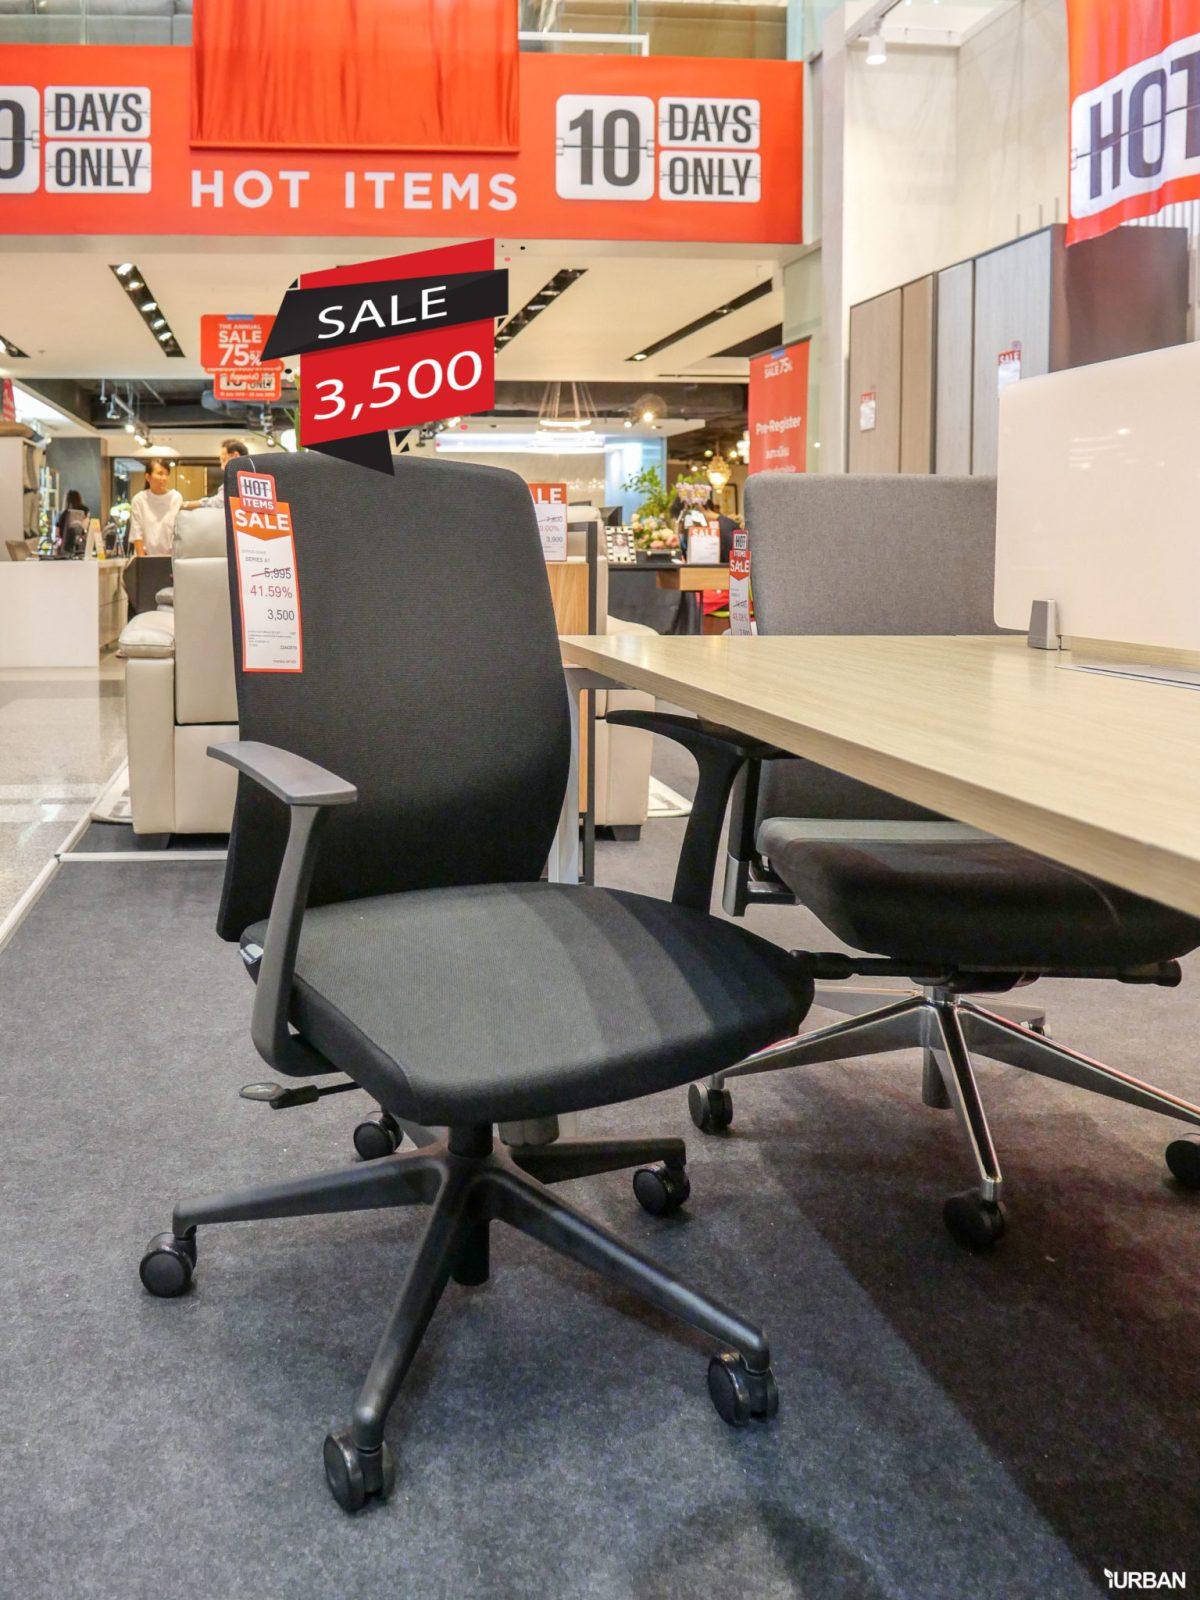 พาชม MODERNFORM ลดถึง 75% งาน The Annual Sale 2019 ปีนี้มีอะไรบ้าง? 128 - decorate